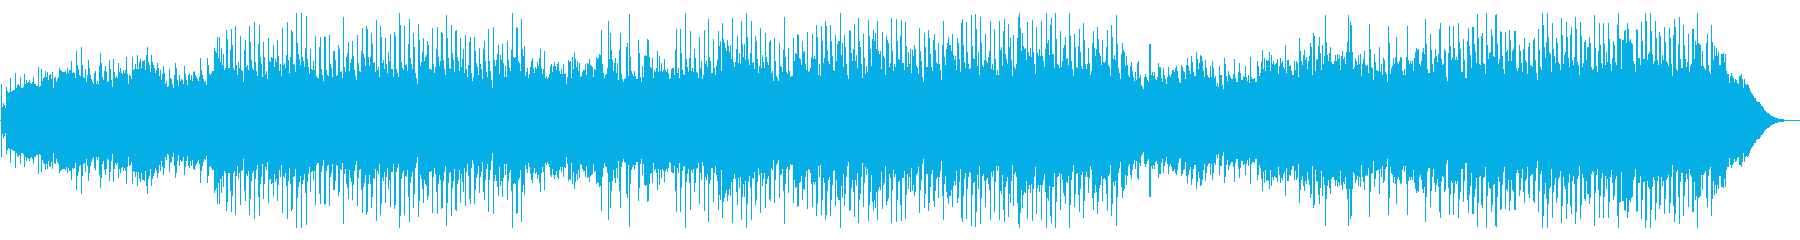 企業VPやCMに 壮大ポップオーケストラの再生済みの波形